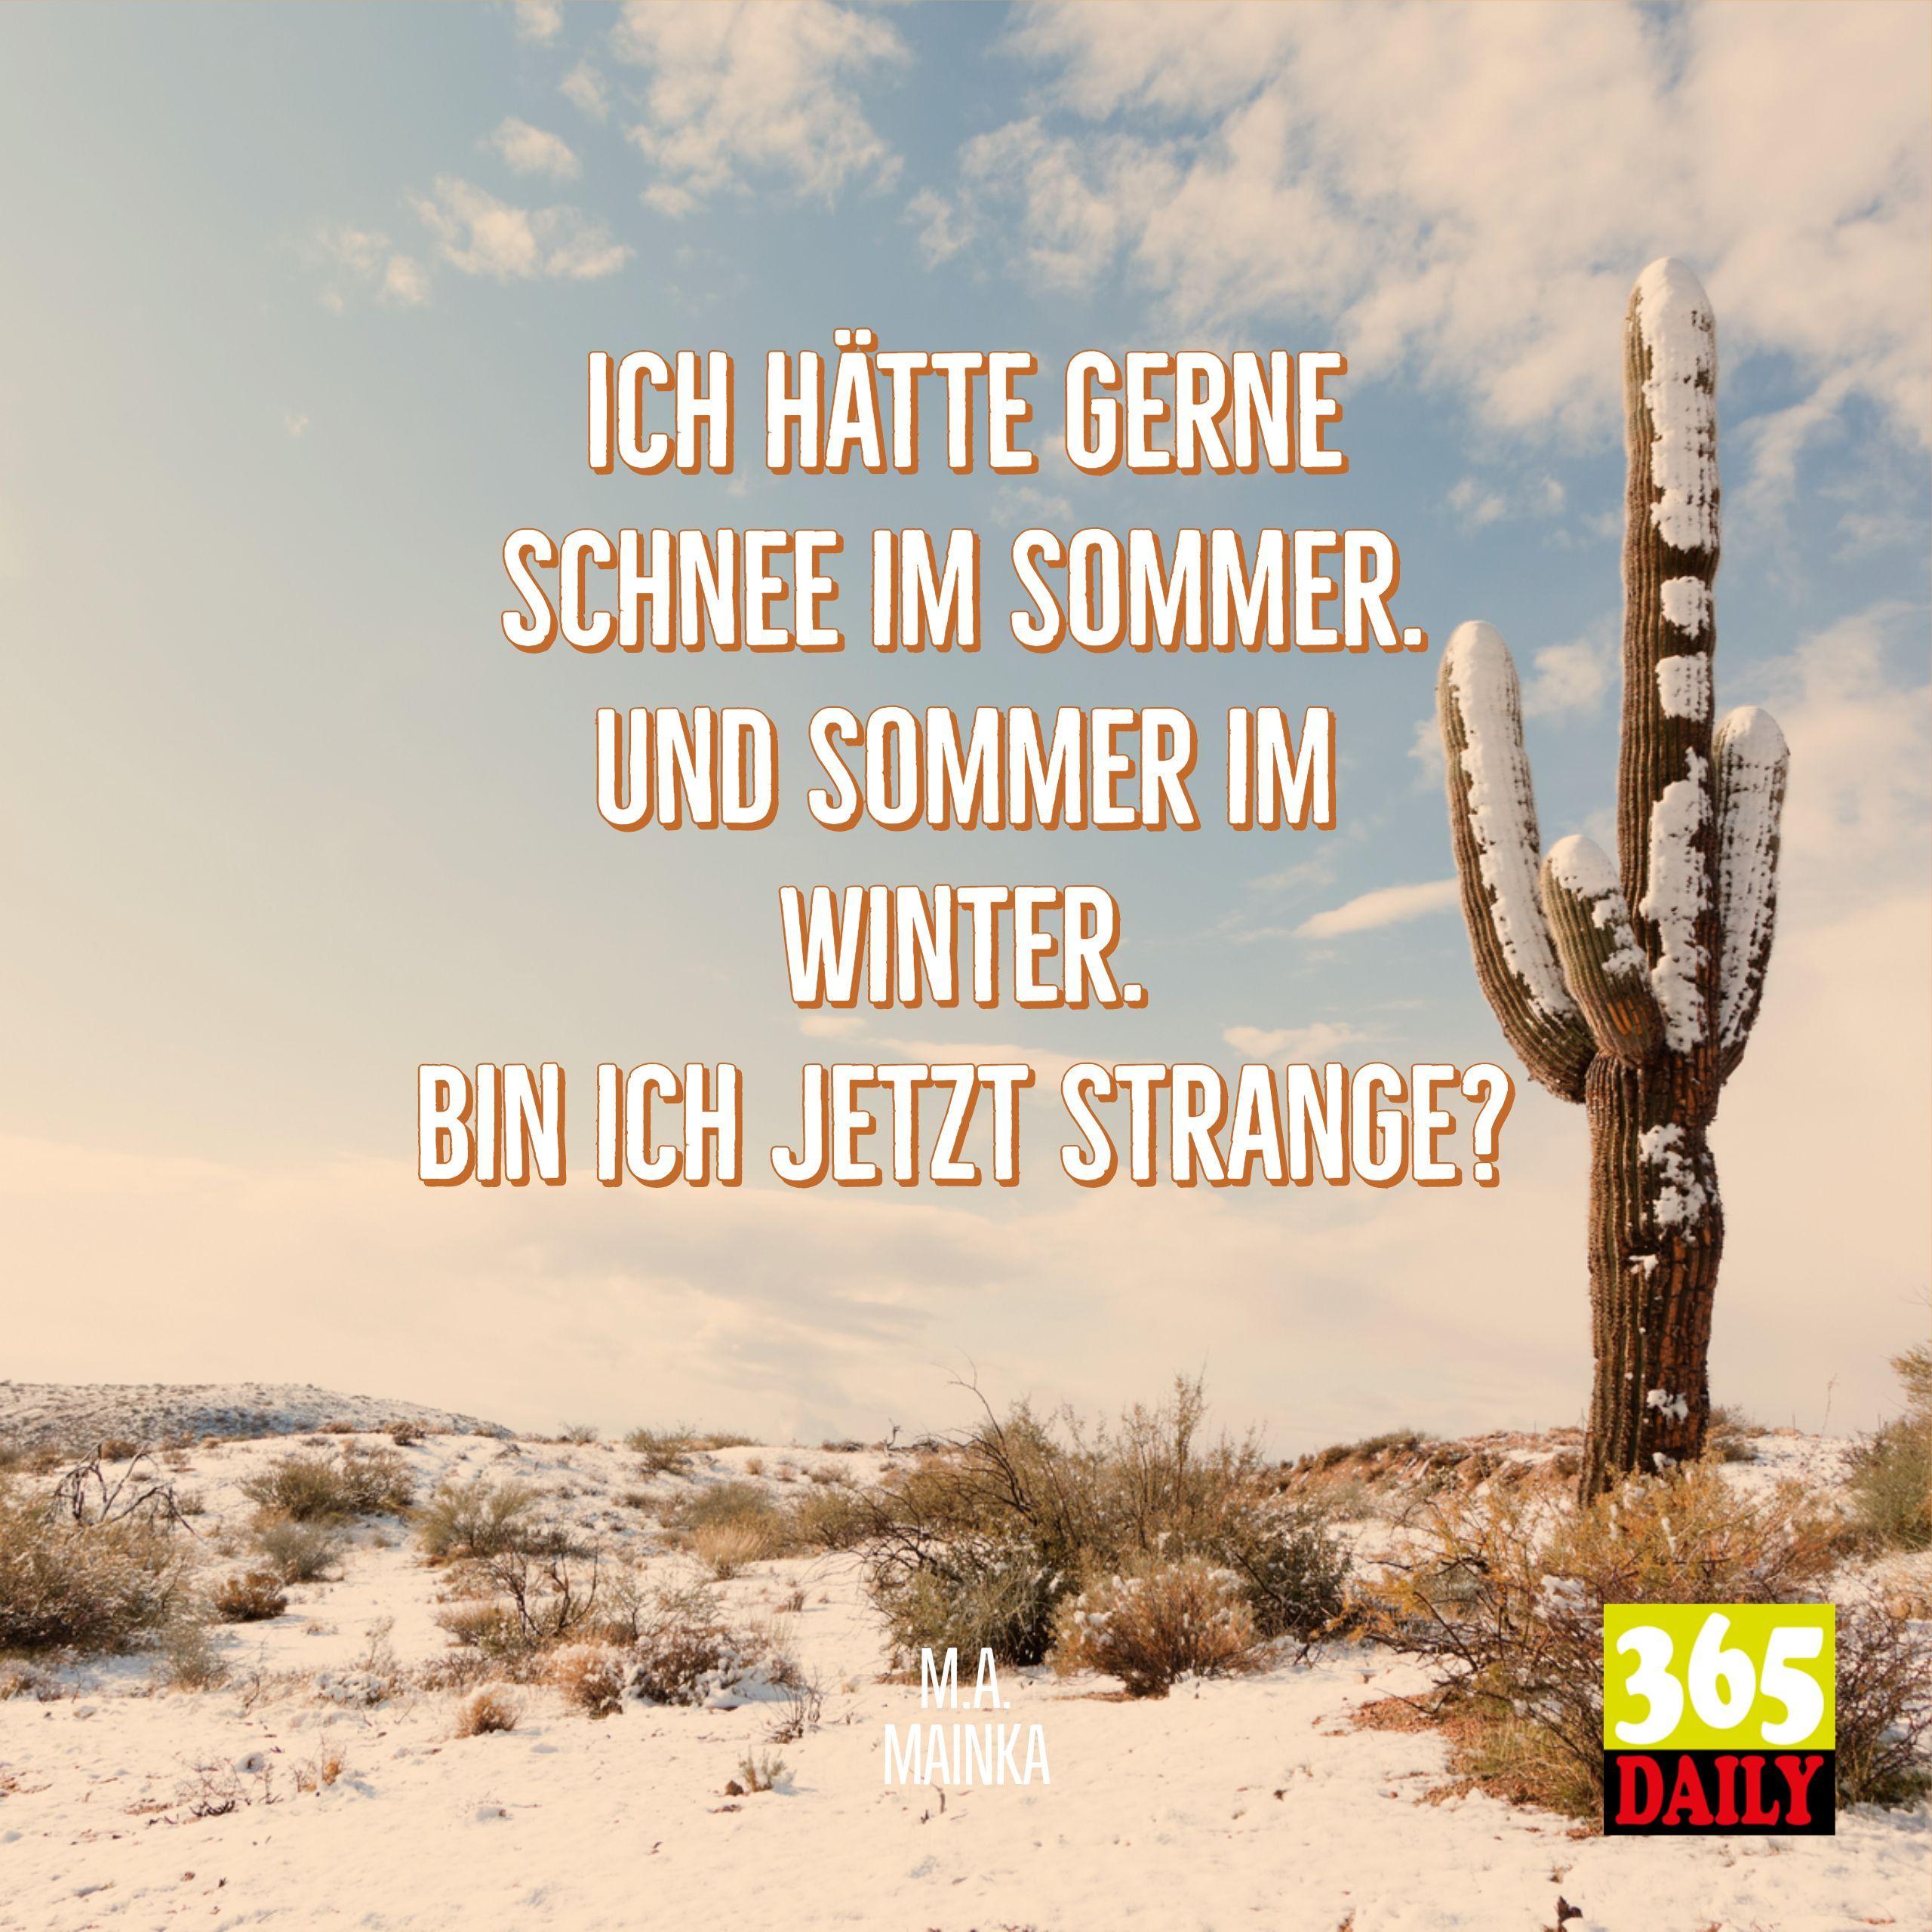 Nun Ja Könnte Schon Sein Schnee Sommer Winter Seltsam